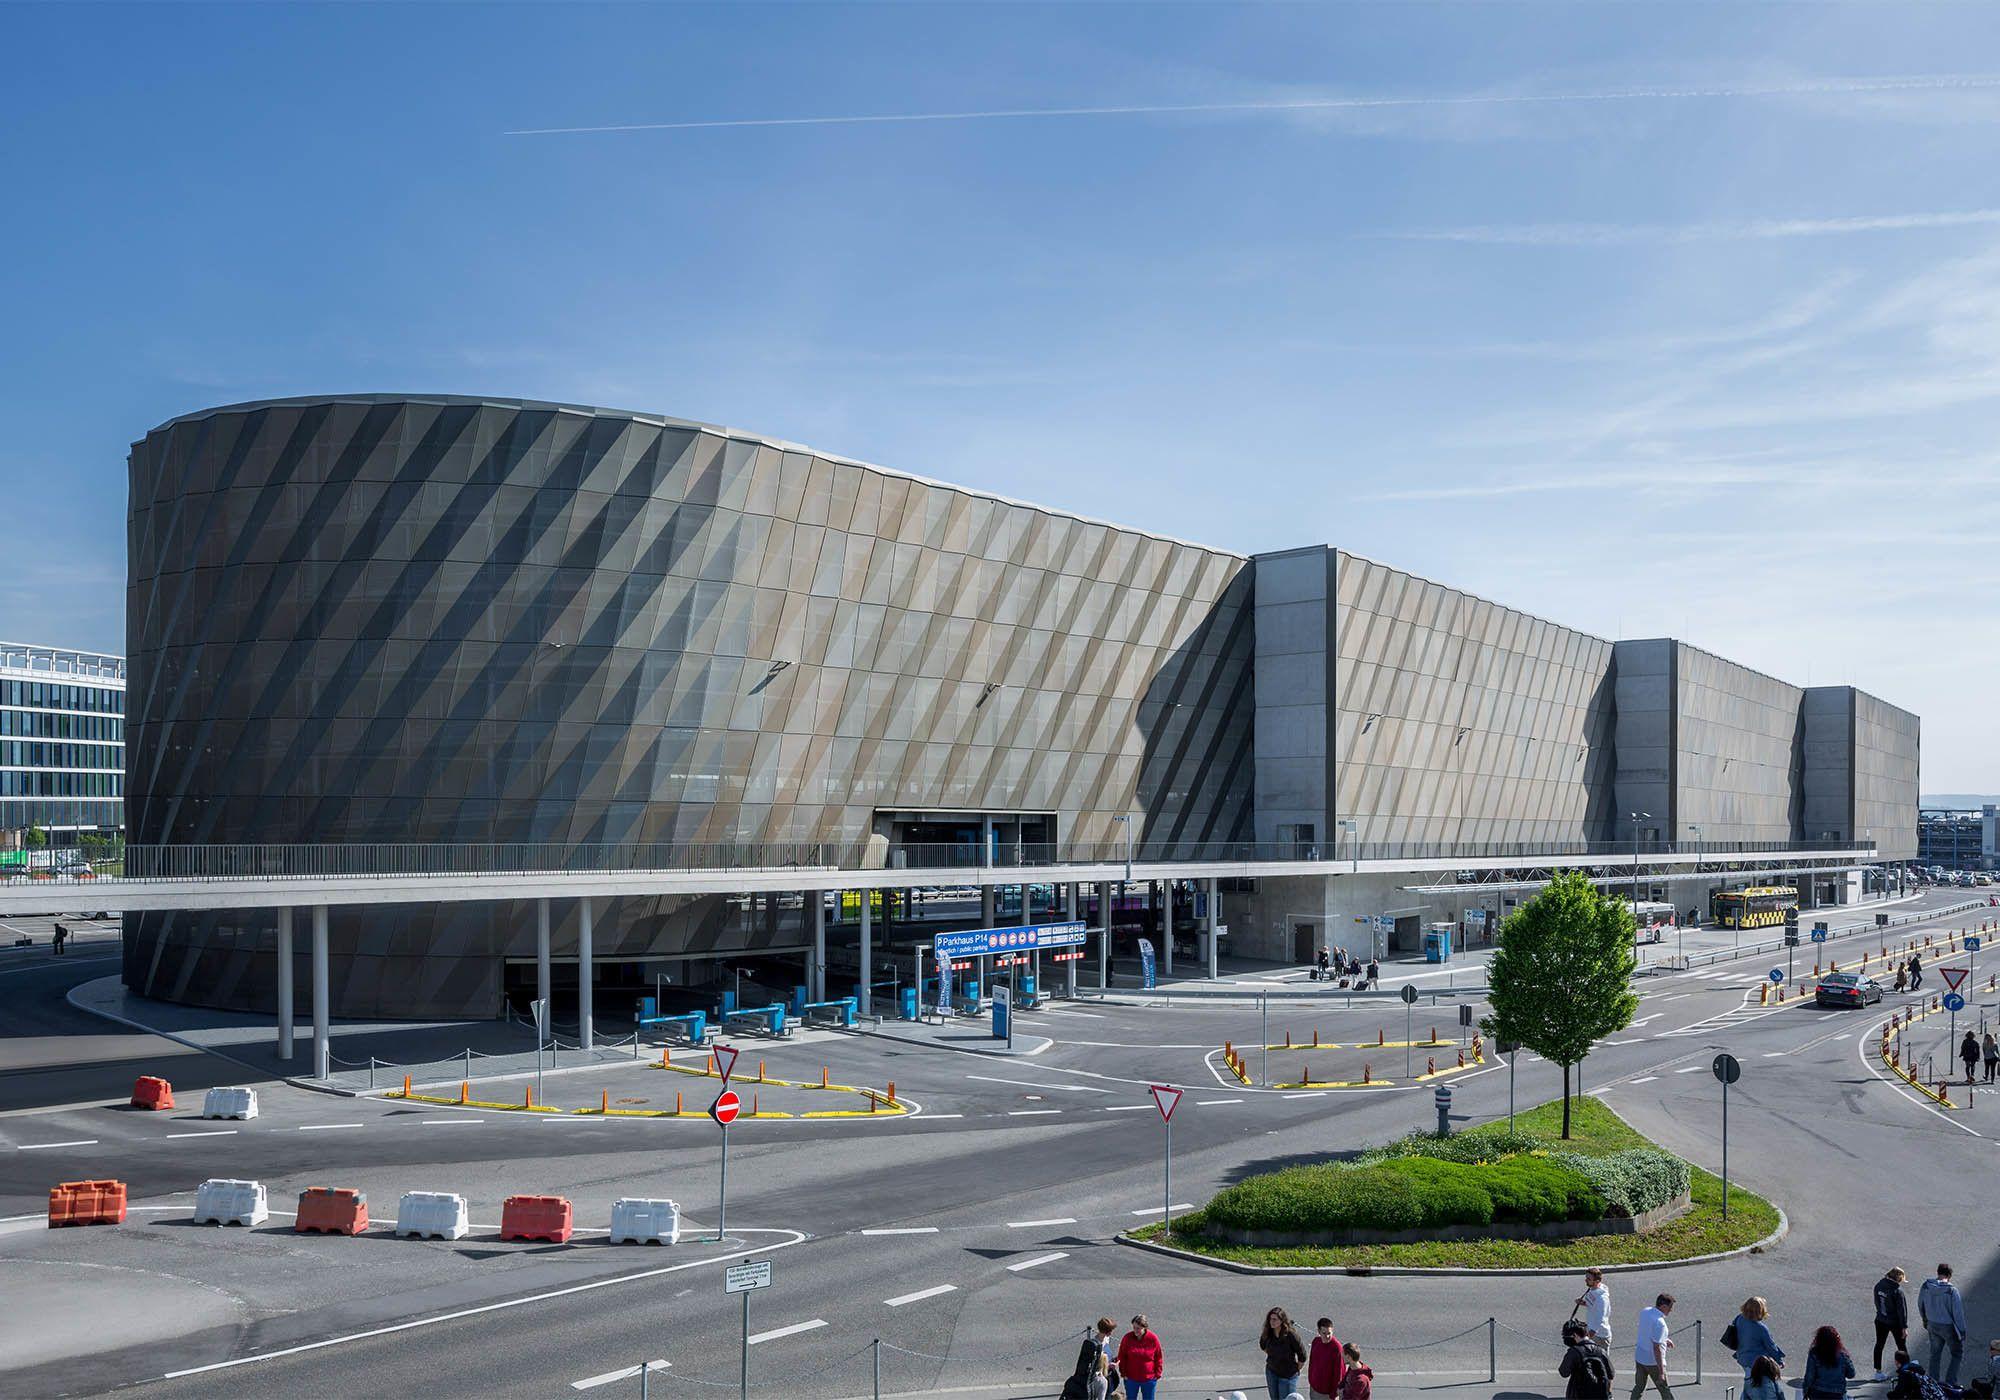 Sinnliches Relief Parkhaus Am Stuttgarter Flughafen Von Wulf Architekten Mit Bildern Wulf Architekten Architekt Parkhaus